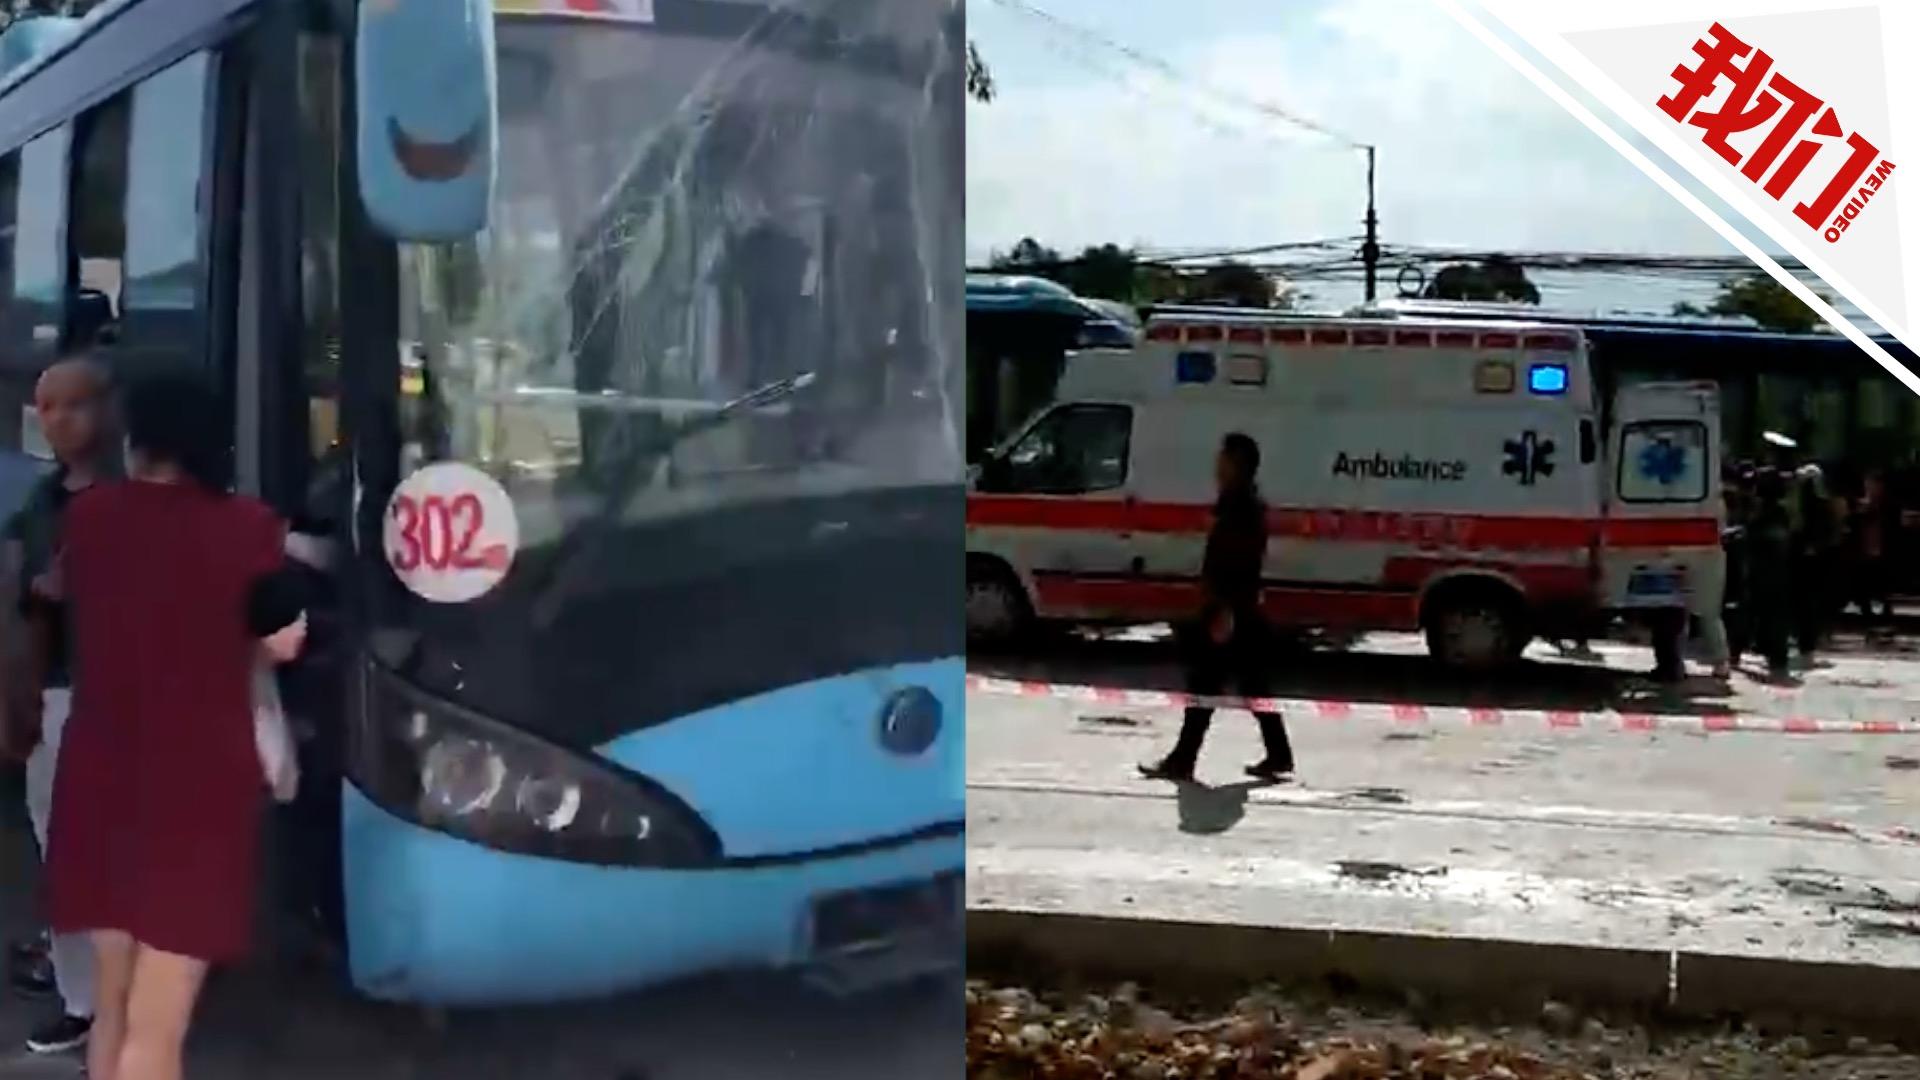 公交公司通报显示,事故致1名驾驶员送医抢救无效死亡.